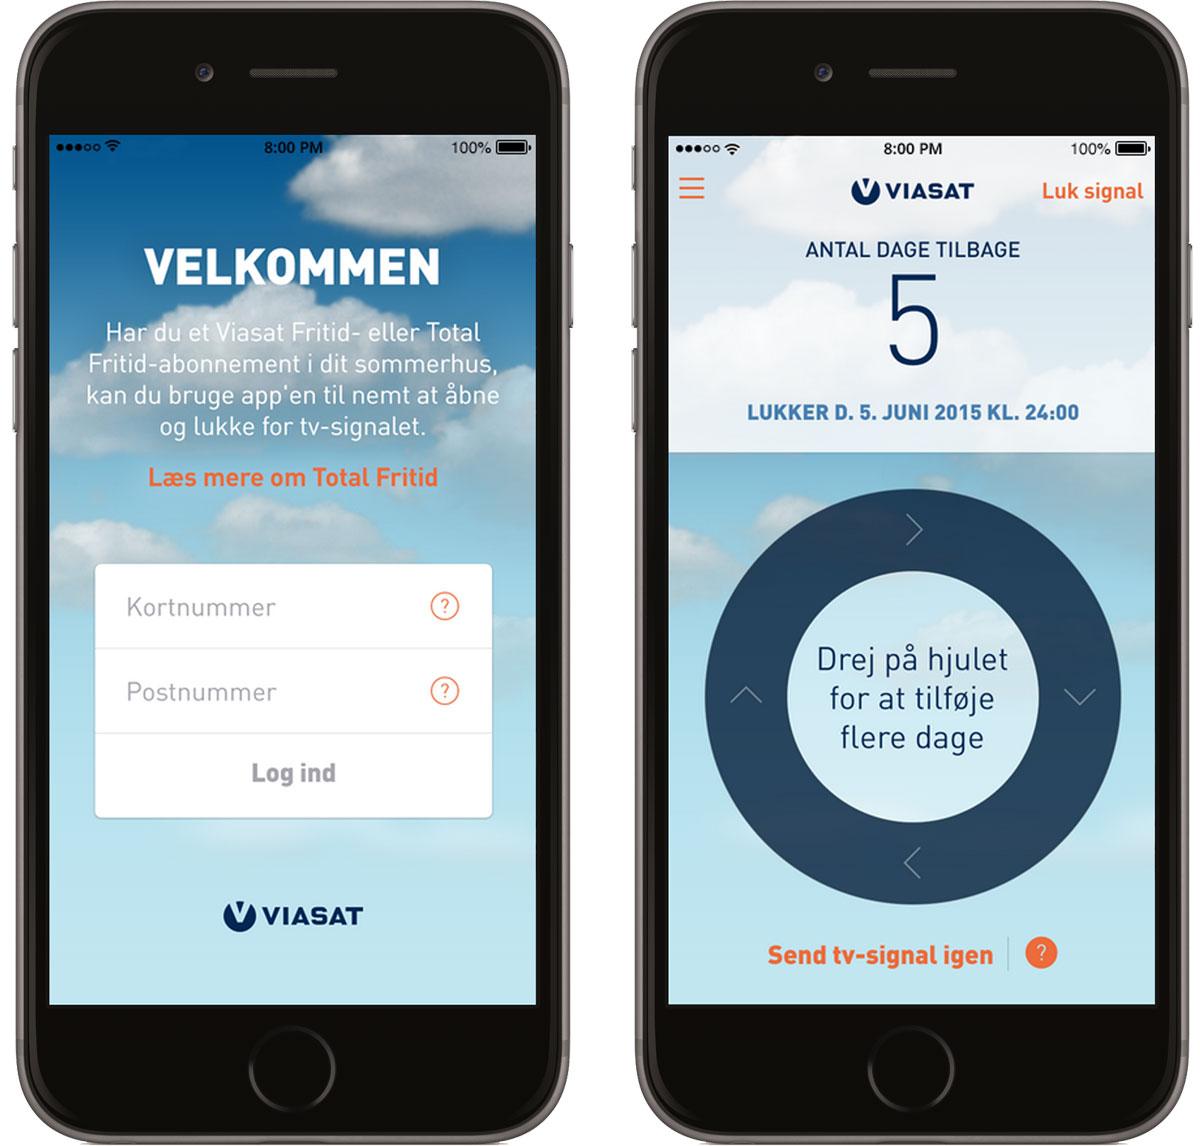 #246B99 Meget bedømt Viasat Lancerer App Til At Tænde/slukke Tv I Sommerhuset FlatpanelsDK Gør Det Selv App 4909 120011464909